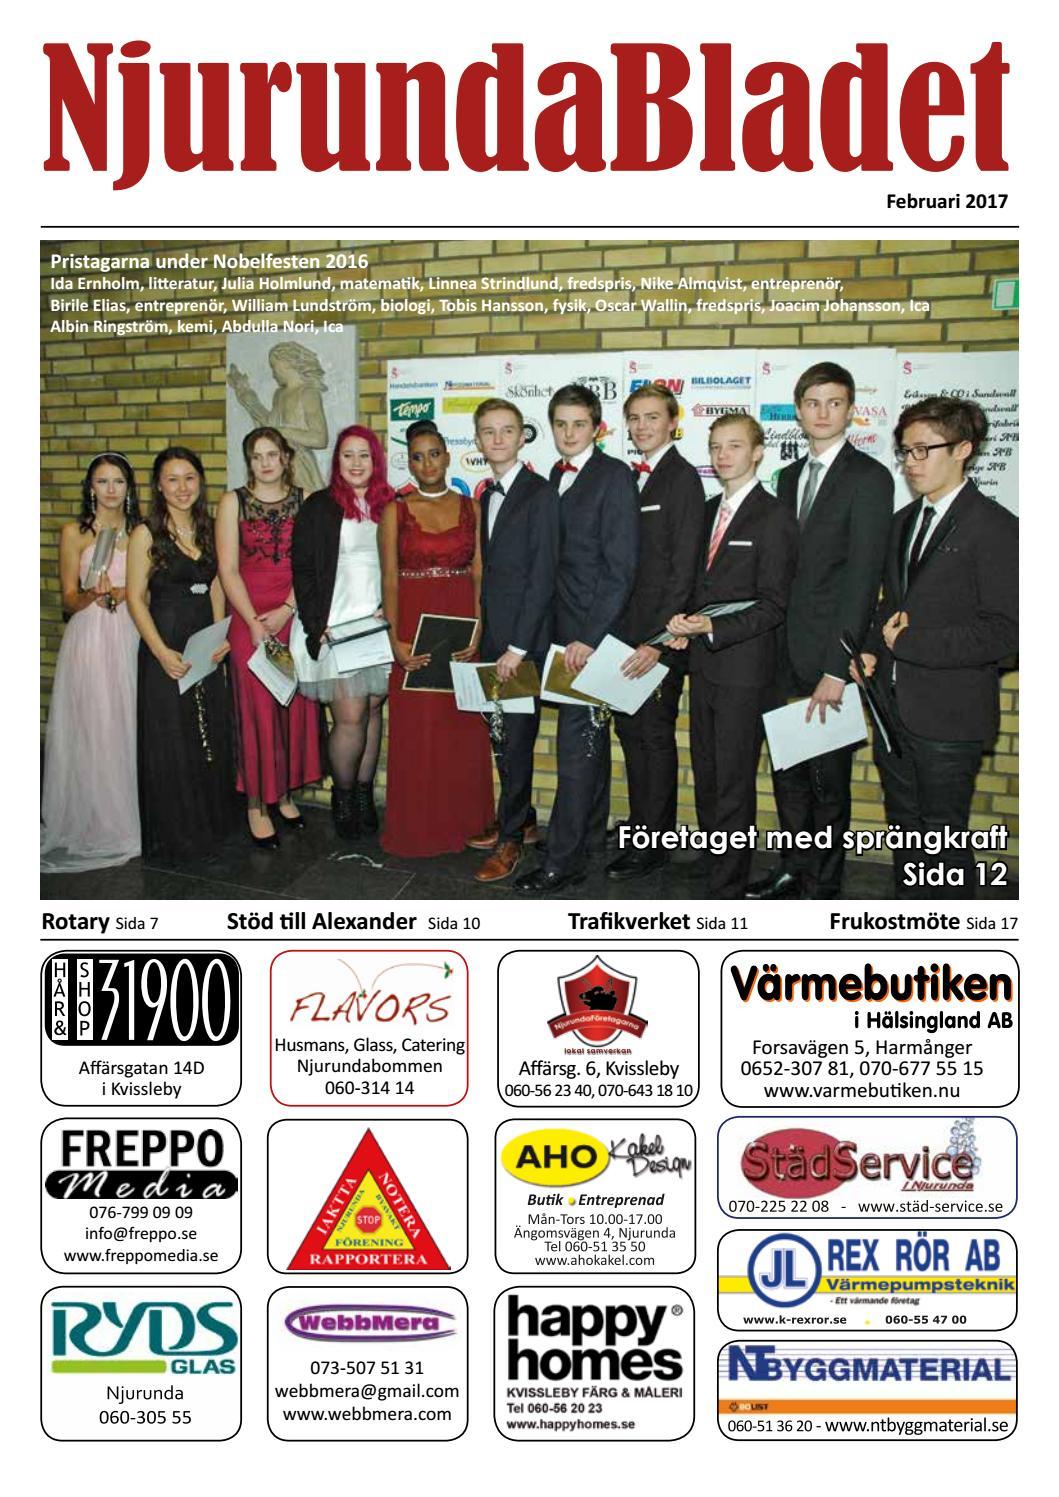 Njurunda frsamling - Svenska kyrkan